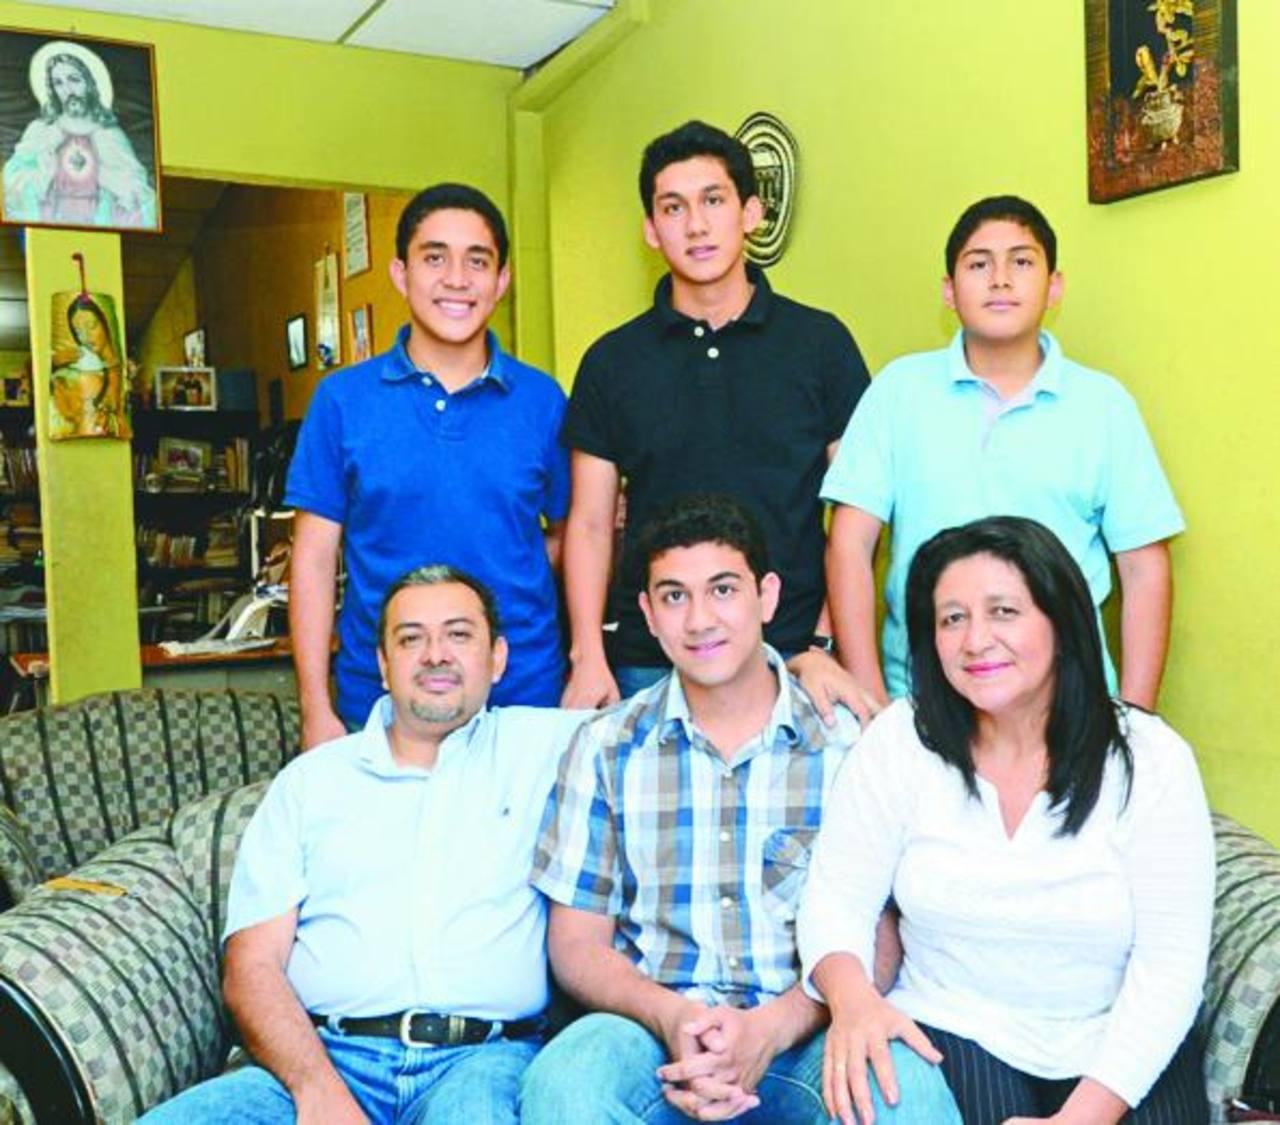 Rodrigo Mundo (camisa negra) junto a su familia. Es uno de los que competirá en la 46a. Olimpiada Internacional de Química.